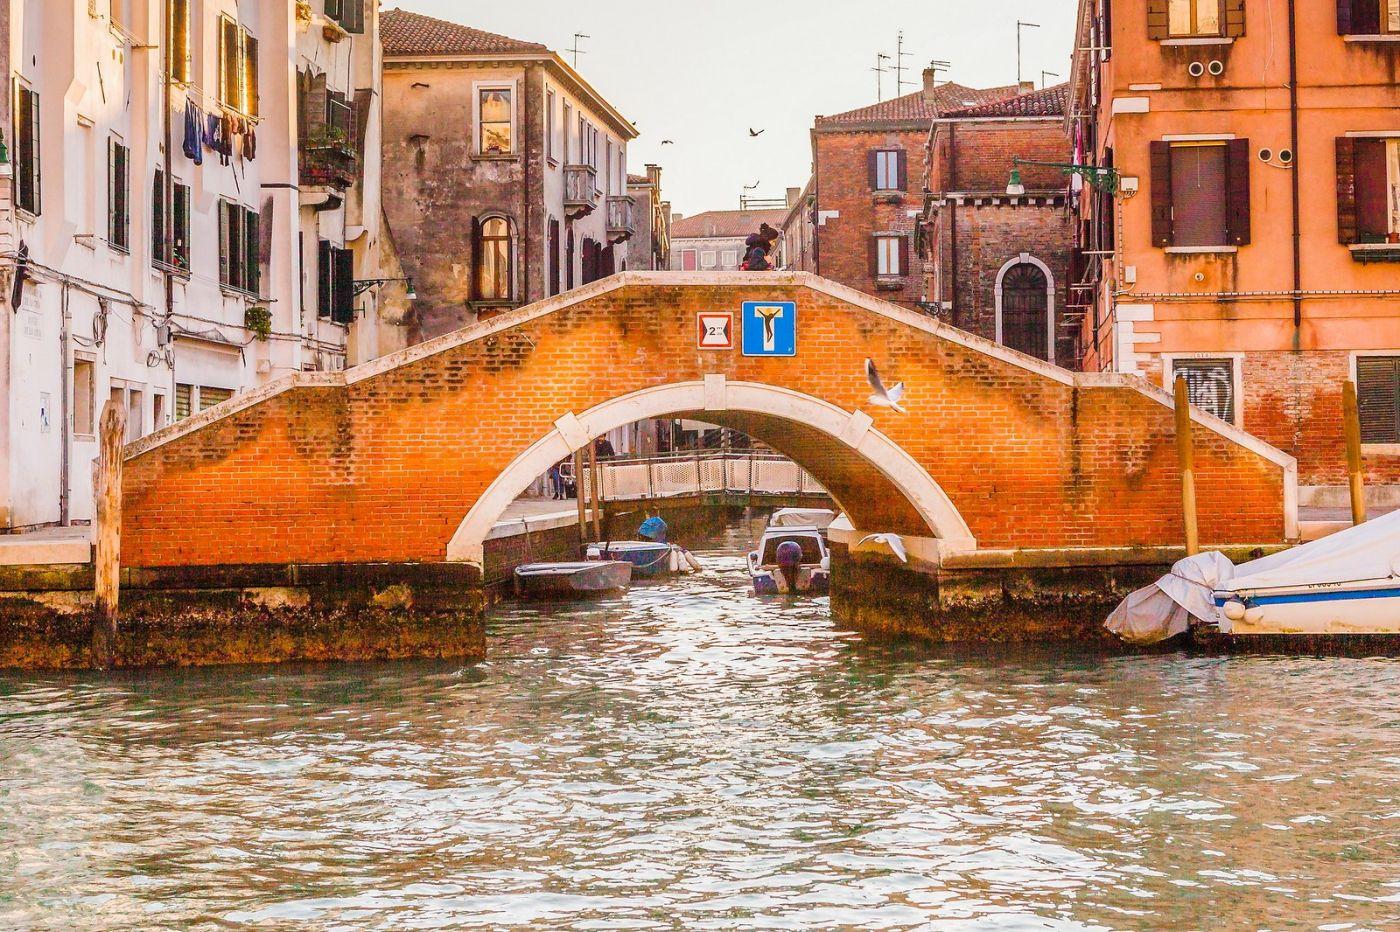 意大利威尼斯,桥的艺术_图1-26